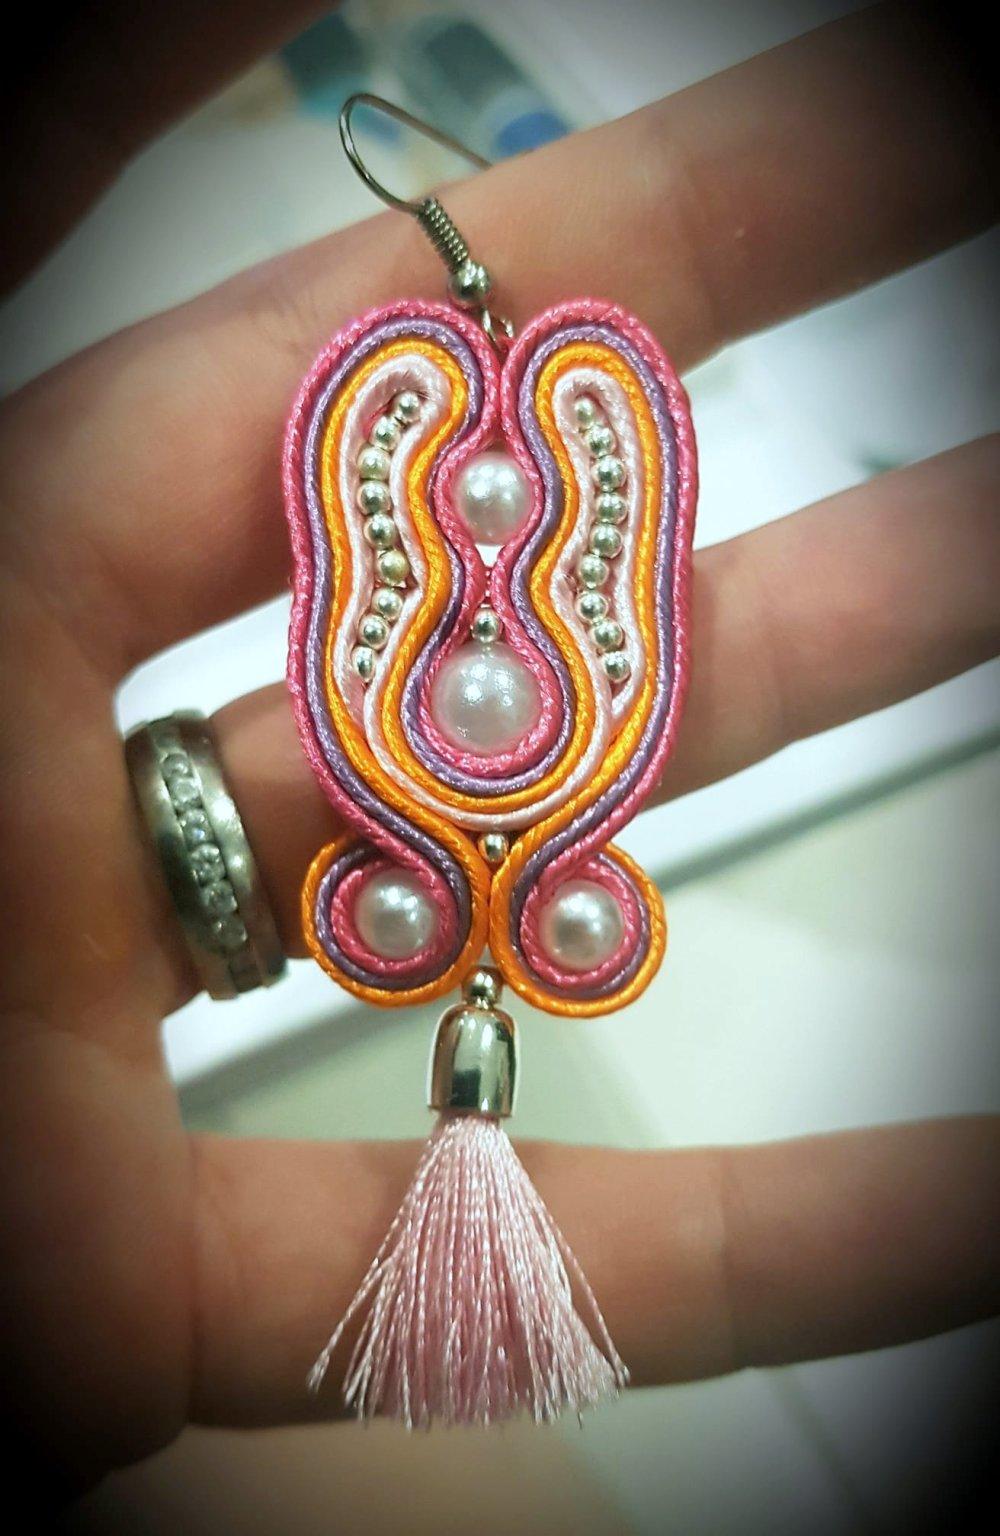 """Boucle d'oreilles """"vitaminée"""" en soutache - modèle unique de créateur - orange violet rose -  perles pompon"""